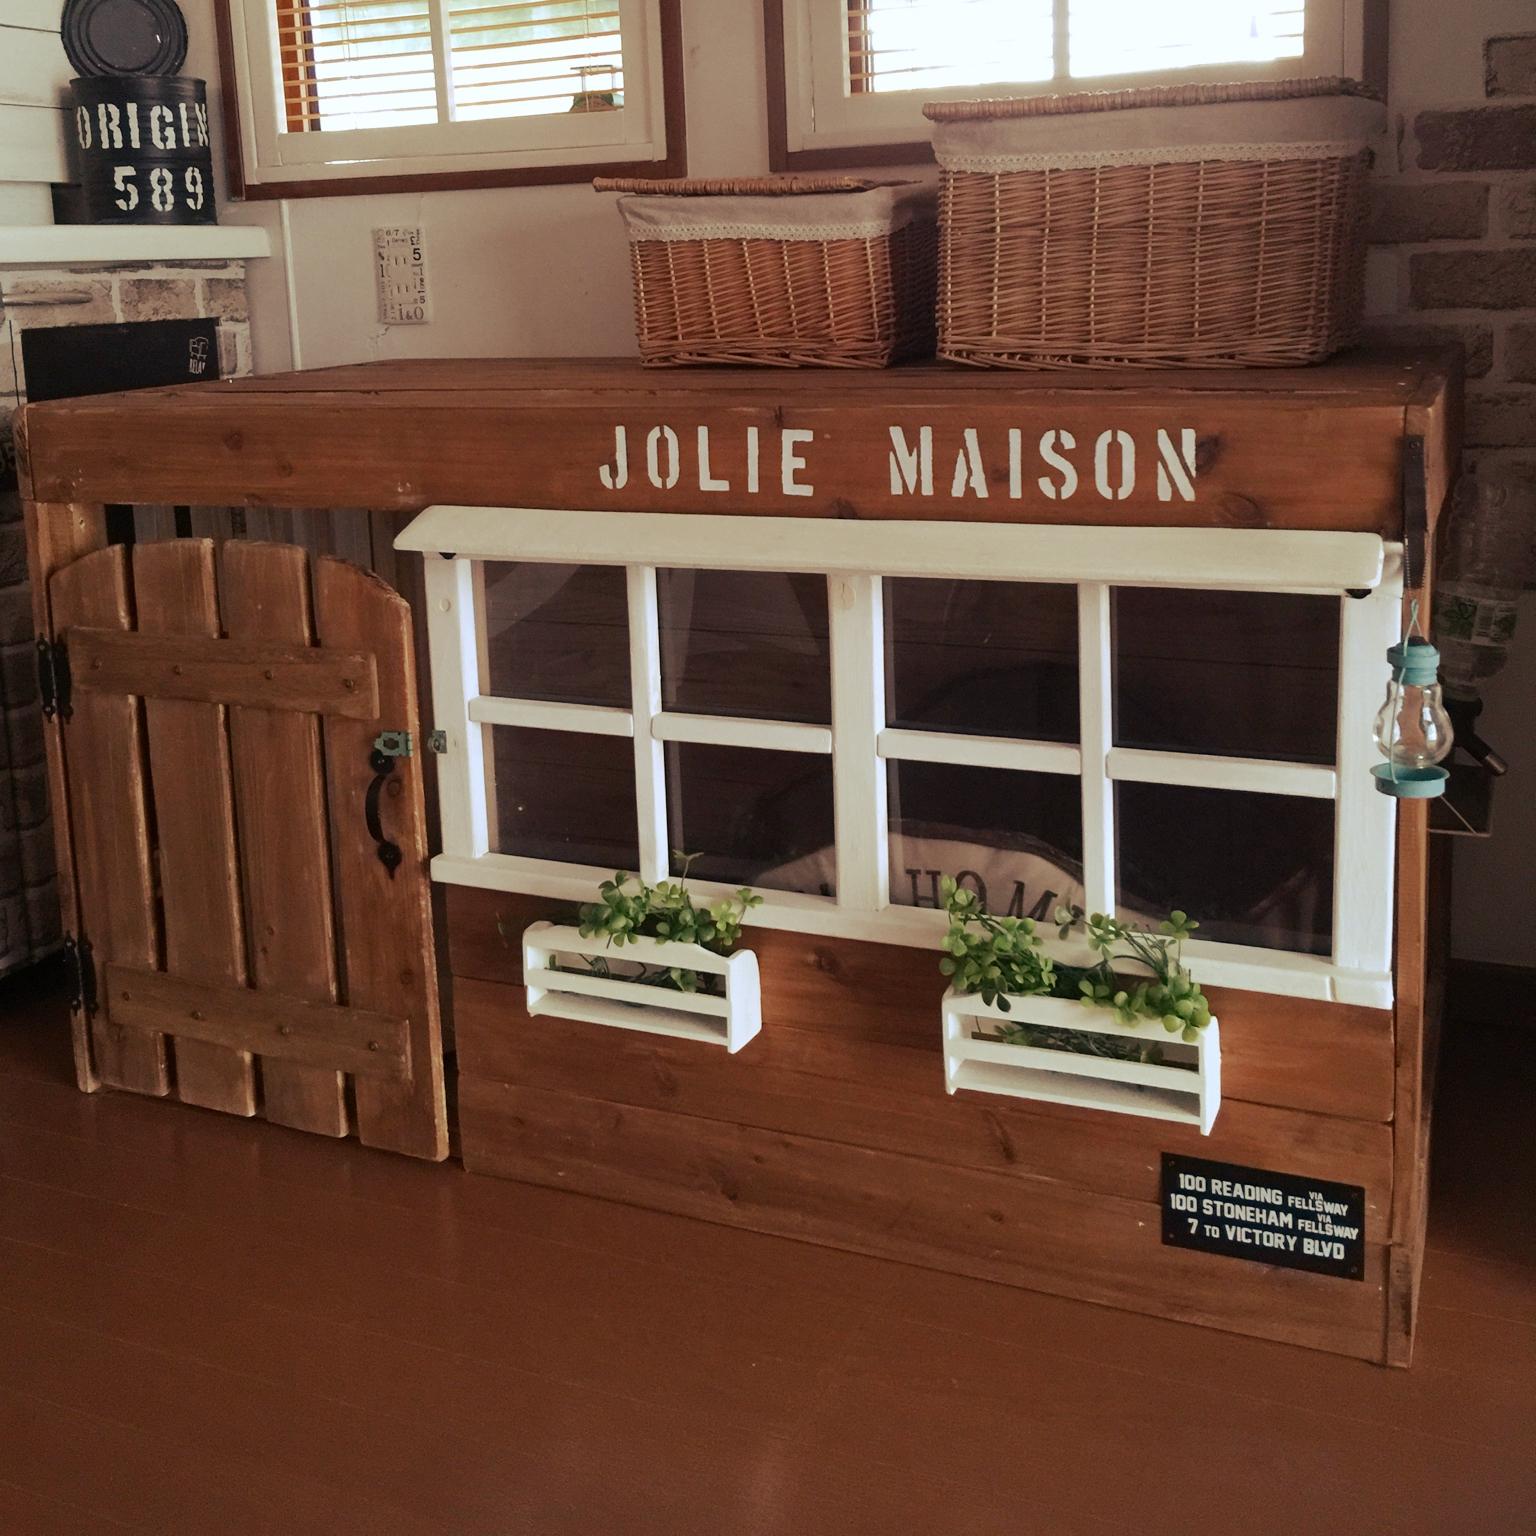 女性で、、家族住まいのいぬと暮らす/犬小屋DIY/ステンシル/フェイクグリーン/ハンドメイド/DIY…などについてのインテリア実例を紹介。